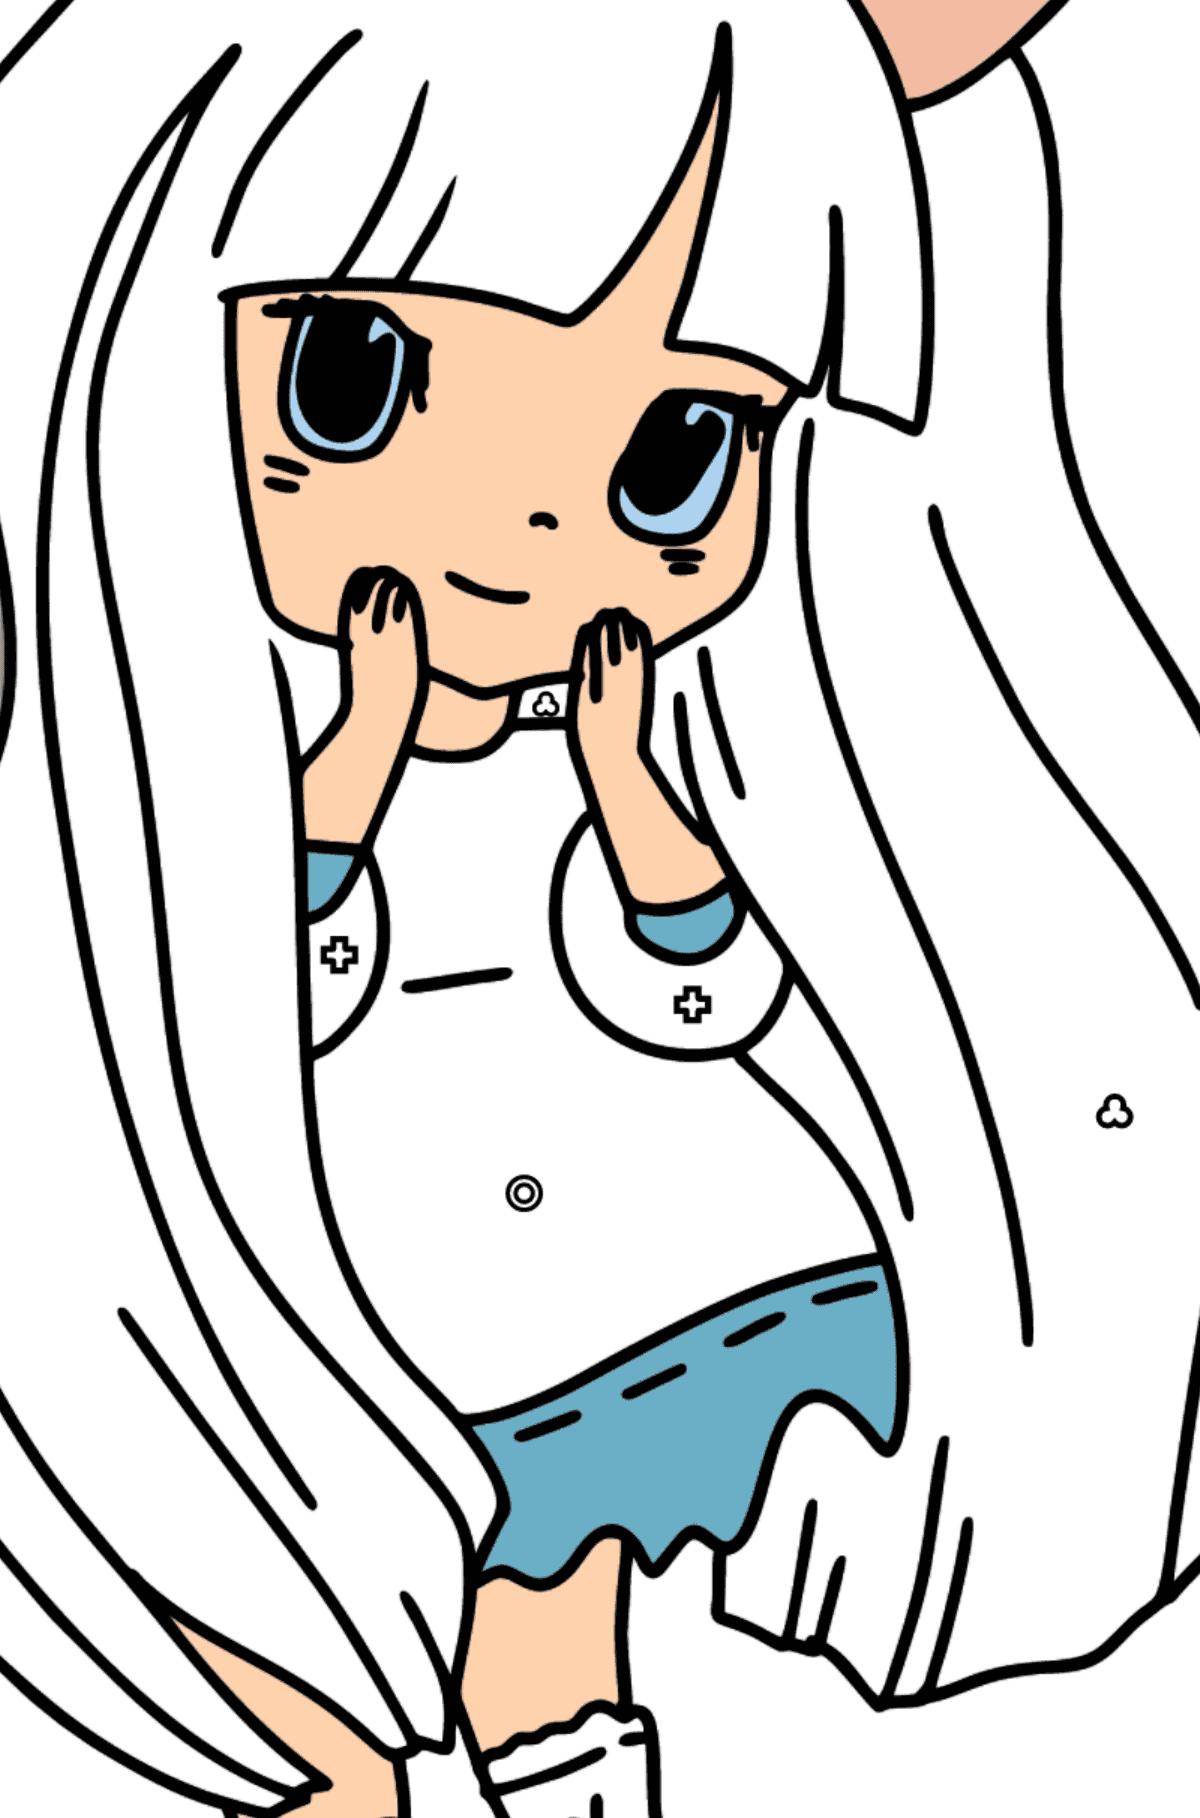 Раскраска Аниме - Девушка Кролик - Раскраска по Геометрическим Фигурам для Детей